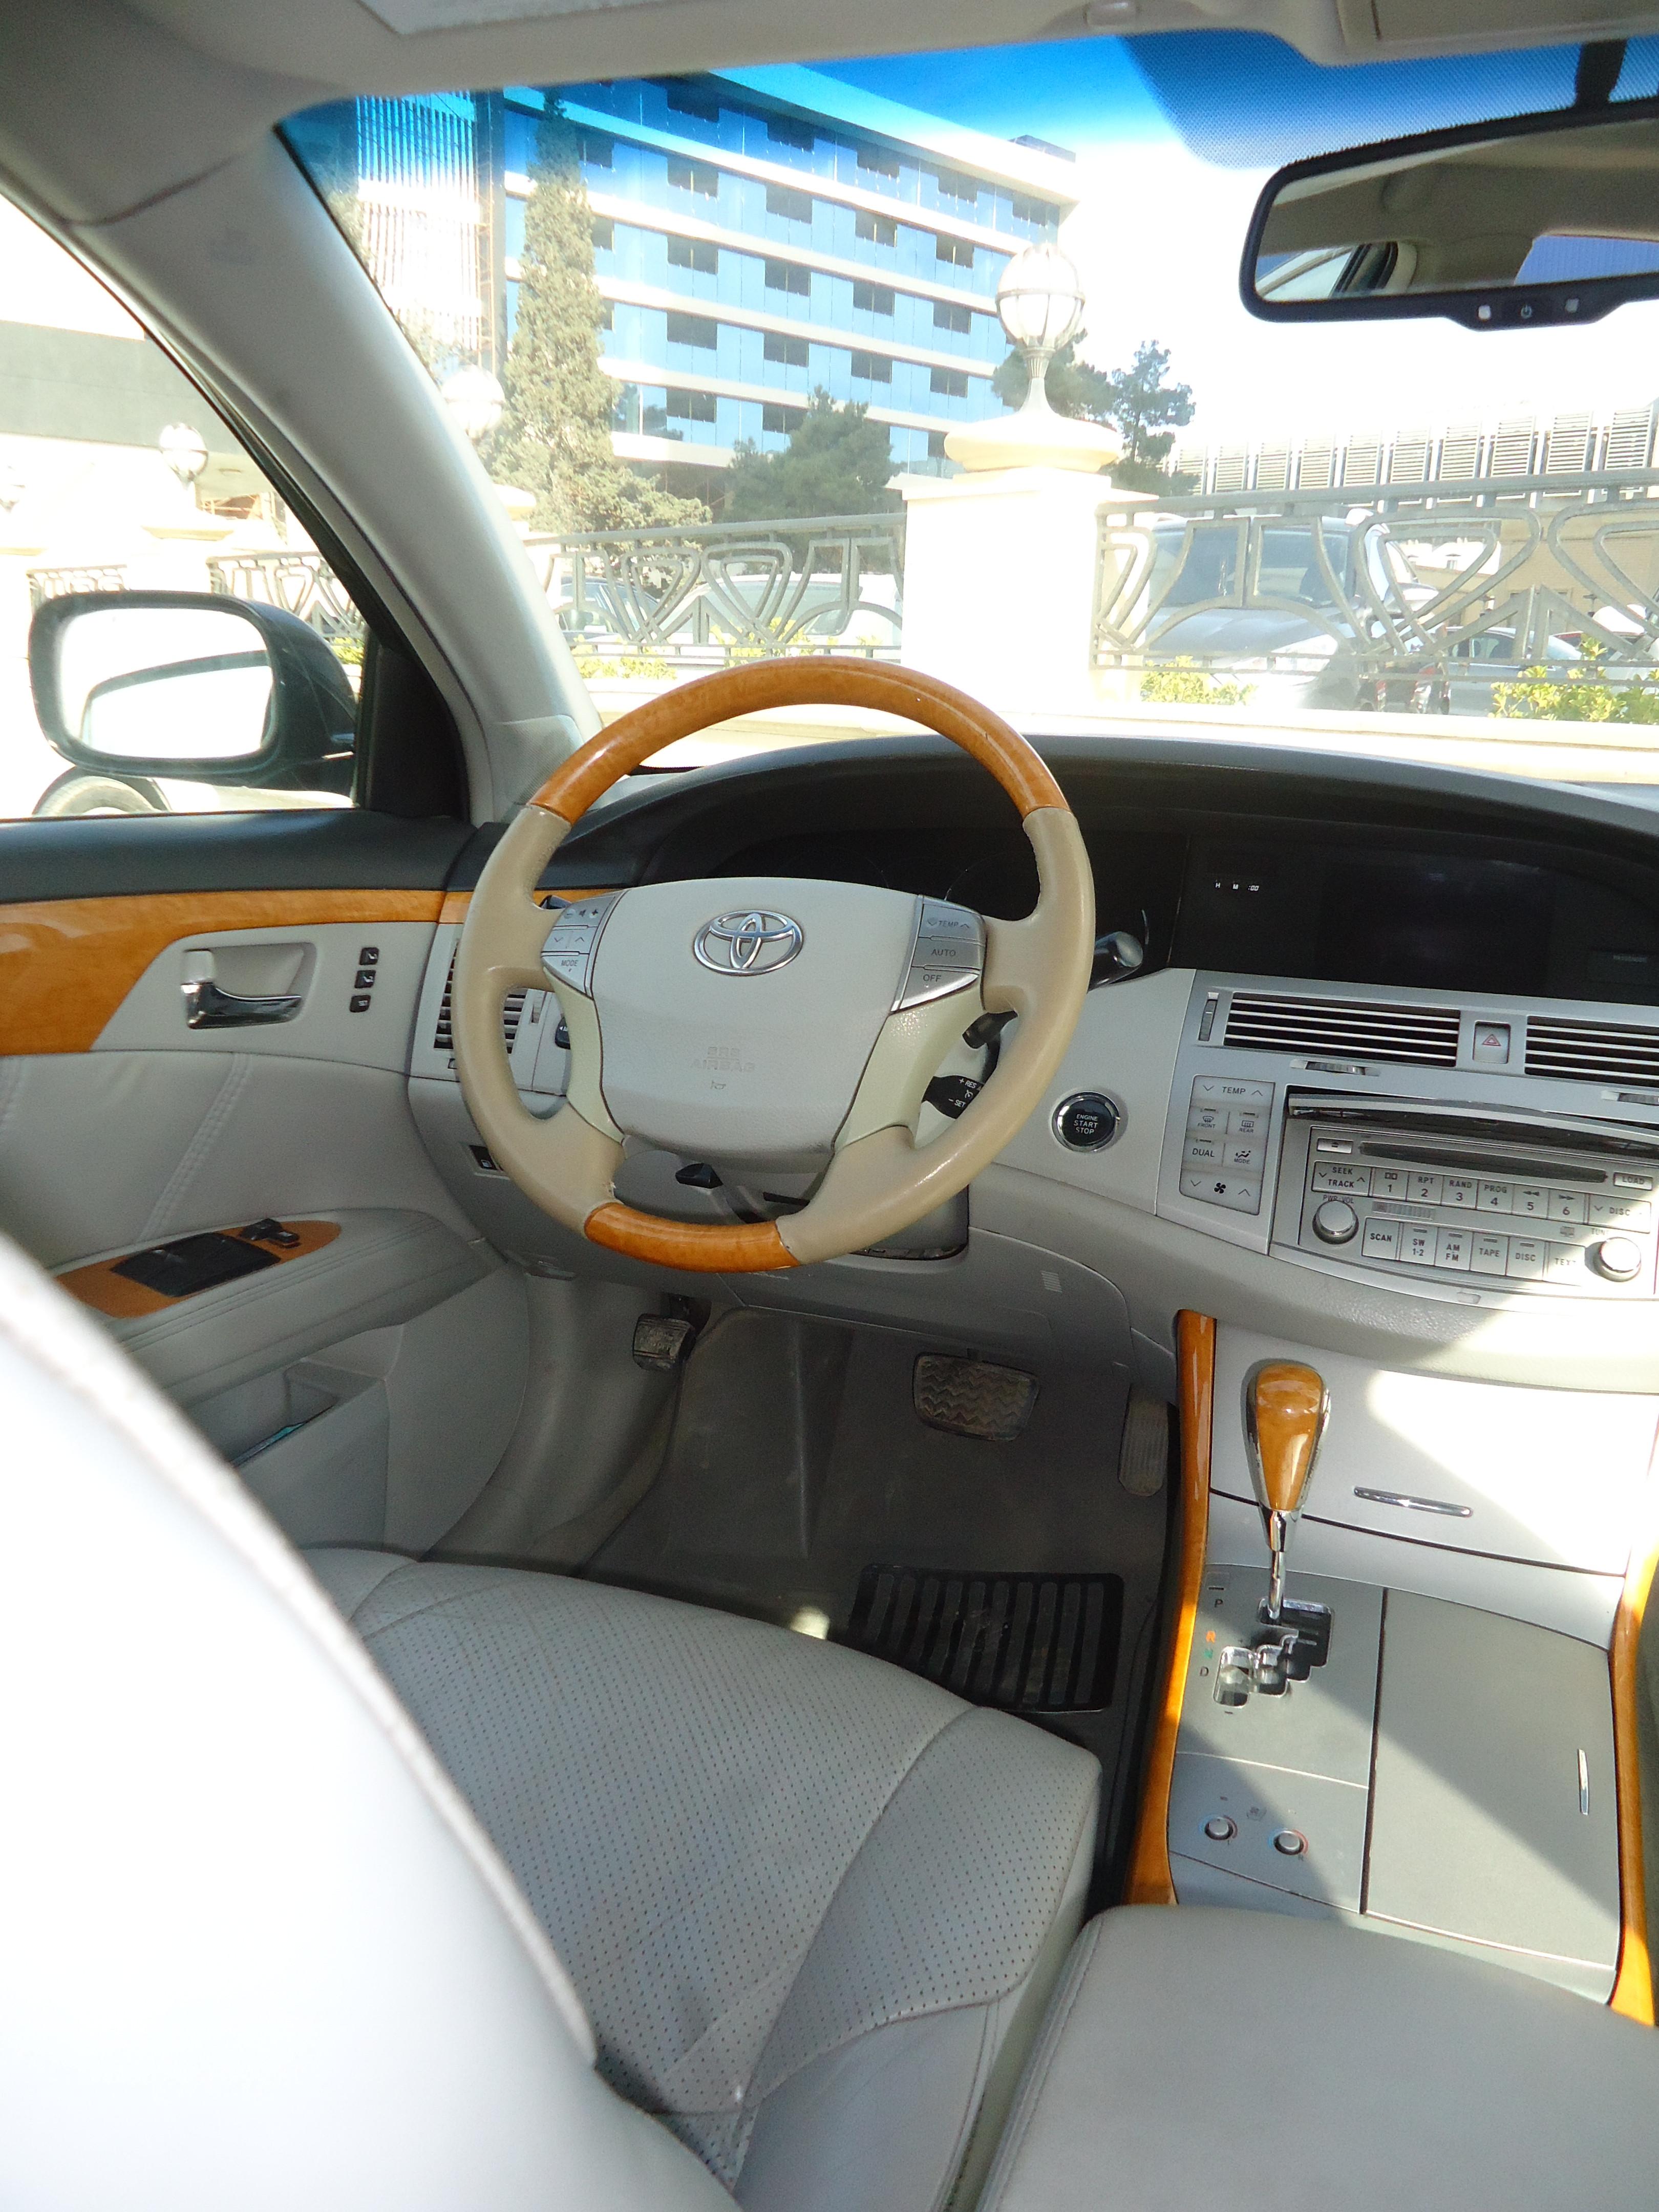 Toyota Avalon 3.5(lt) 2005 Подержанный  $14000